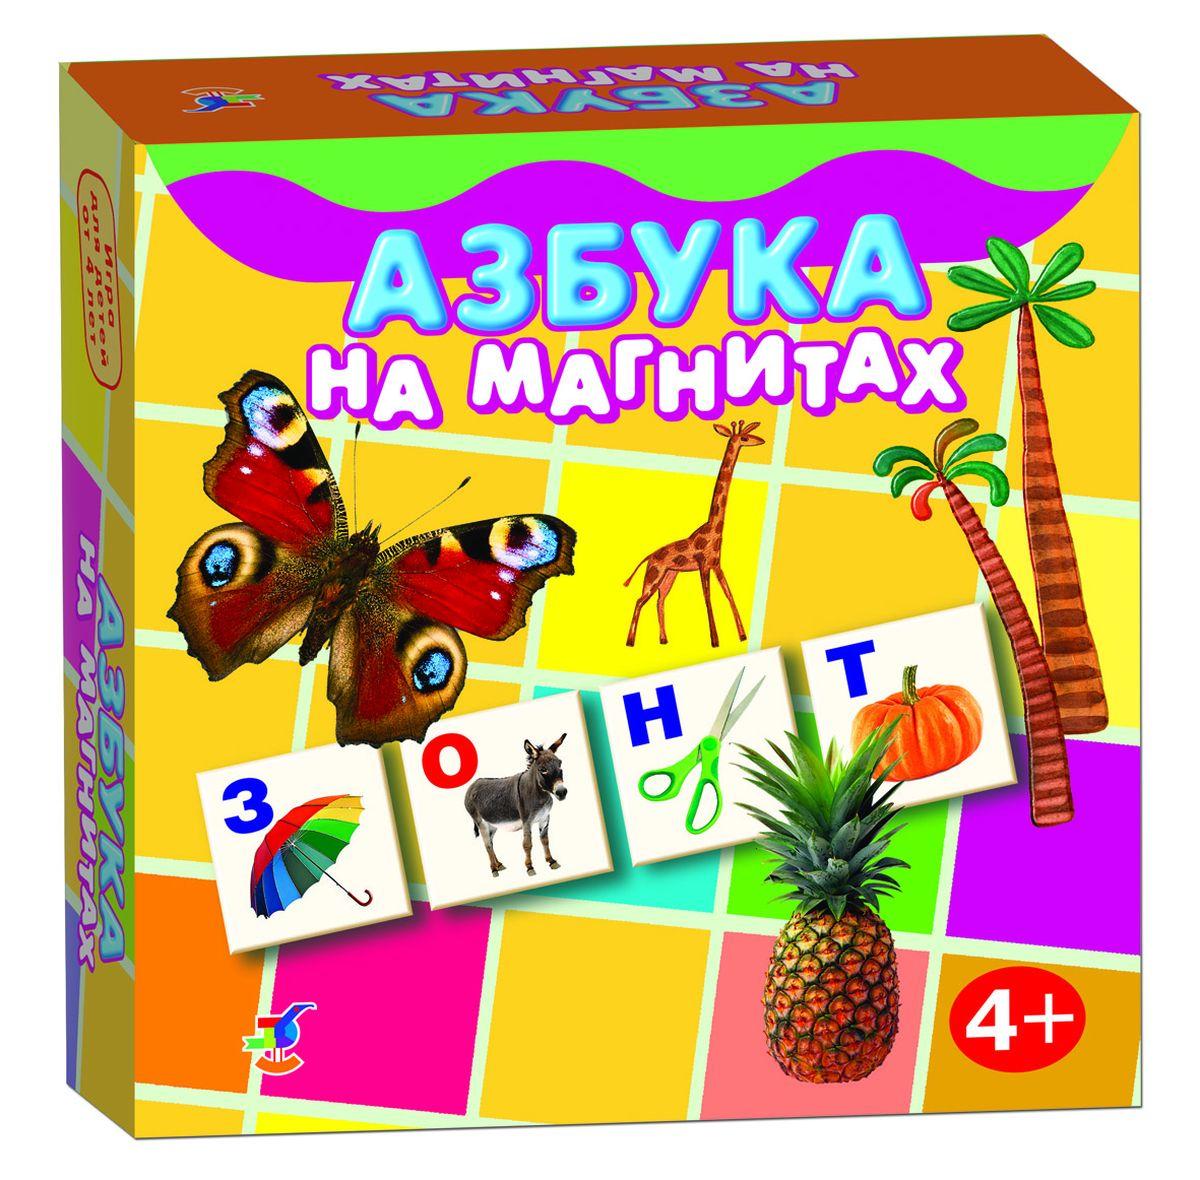 Дрофа-Медиа Азбука на магнитах2559Азбука представляет собой уже готовые к использованию, разрезанные карточки с приклеенными сзади магнитами, которые можно крепить на холодильник или магнитную доску. Карточки оформлены яркими рисунками и буквами. Игры развивают наблюдательность и внимание, могут стать прекрасным методическим пособием. Игра знакомит с буквами и звуками, учит определять первый звук в слове, читать и составлять слова, развивает наблюдательность, внимание, обогащает словарный запас.